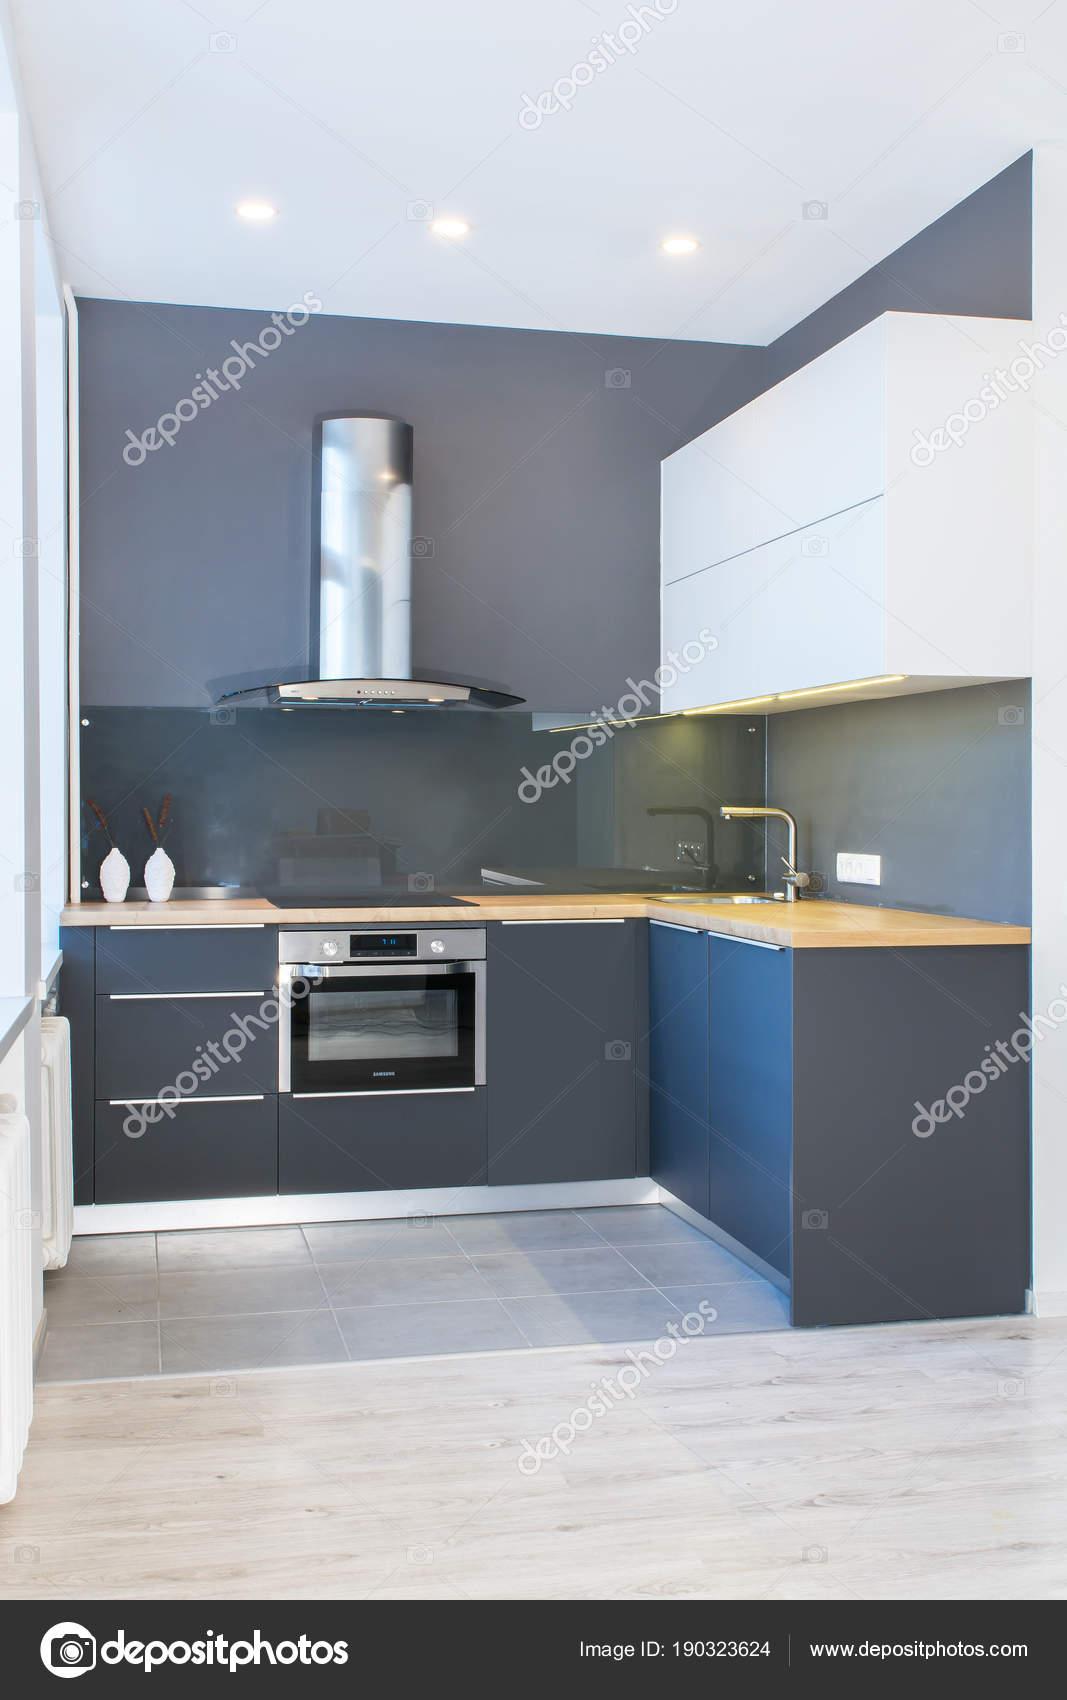 Moderno Diseño Muebles Cocina Interior Del Apartamento Con ...